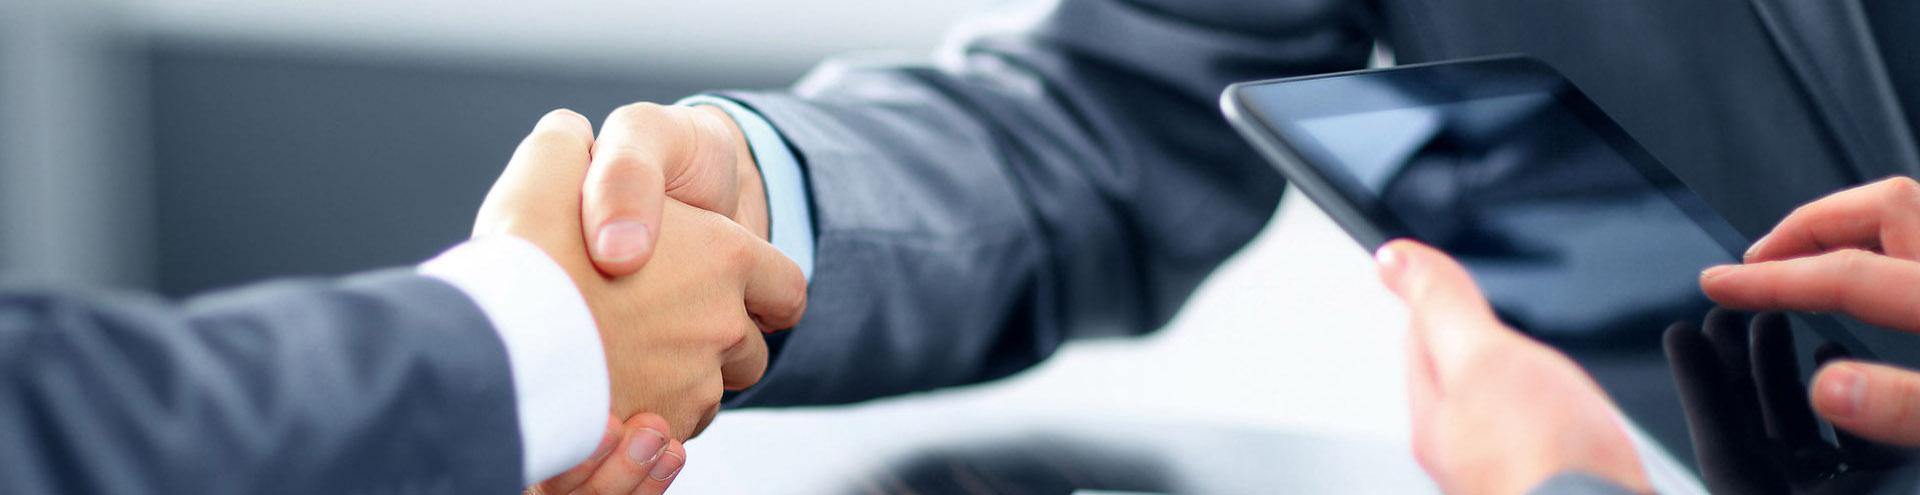 юридическое обслуживание предпринимателей в Астрахани